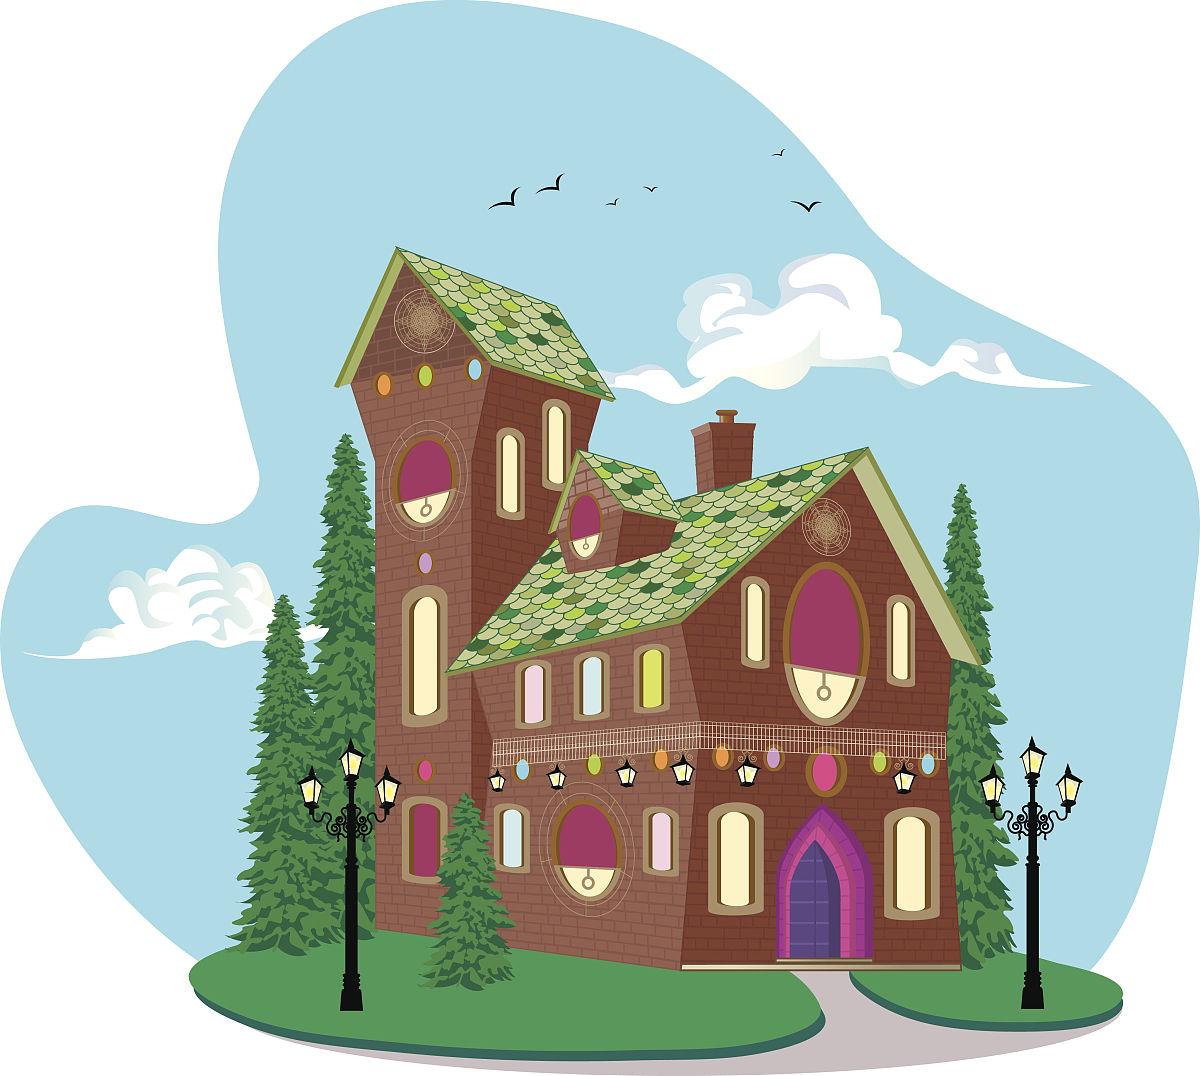 梦想中的房子图片